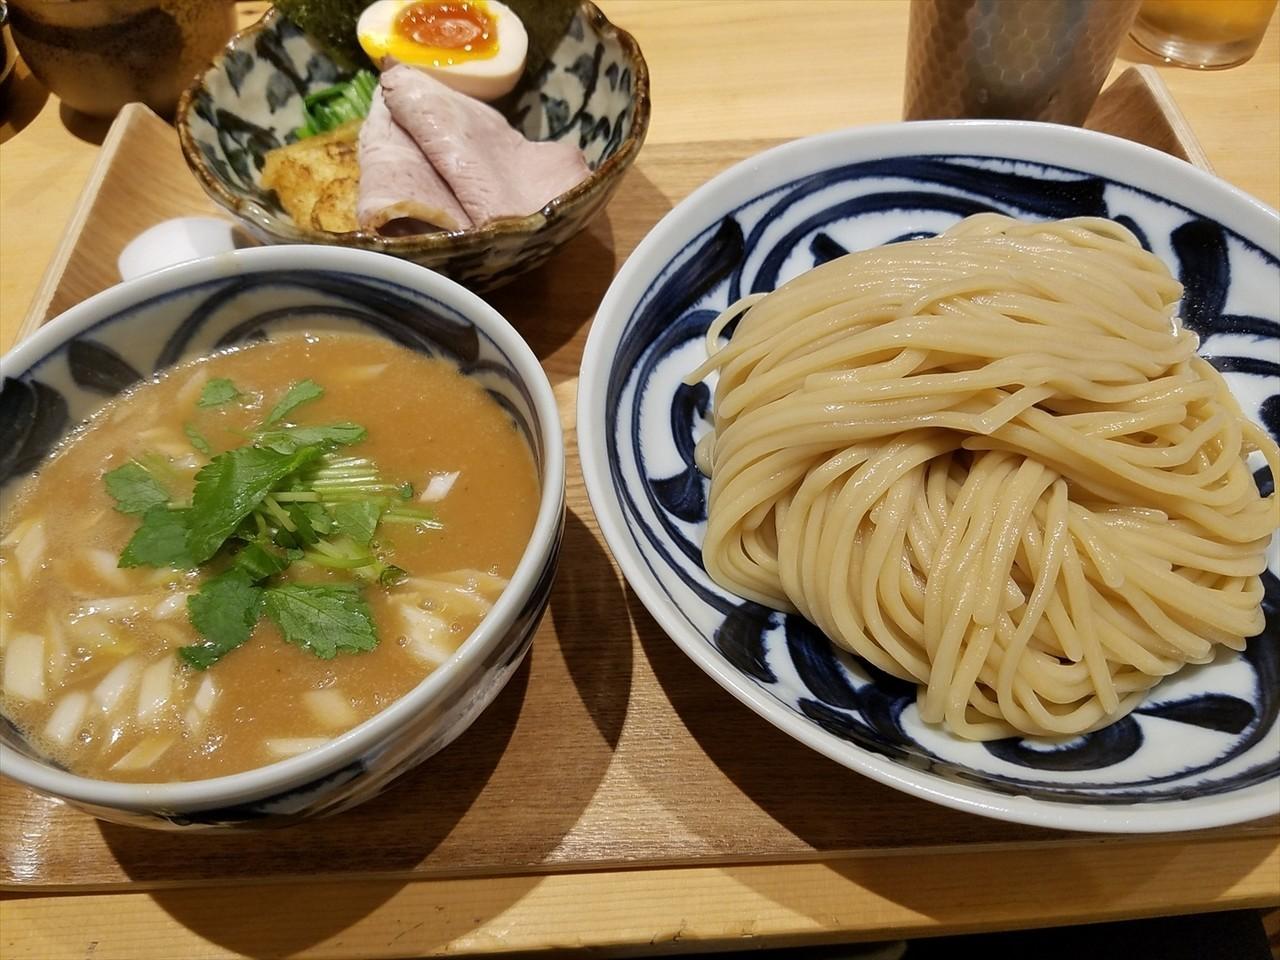 【有楽町】つけ麺を味わうならココ4選!濃厚な魚介豚骨つけ麺に酒粕香る個性豊かなスープも